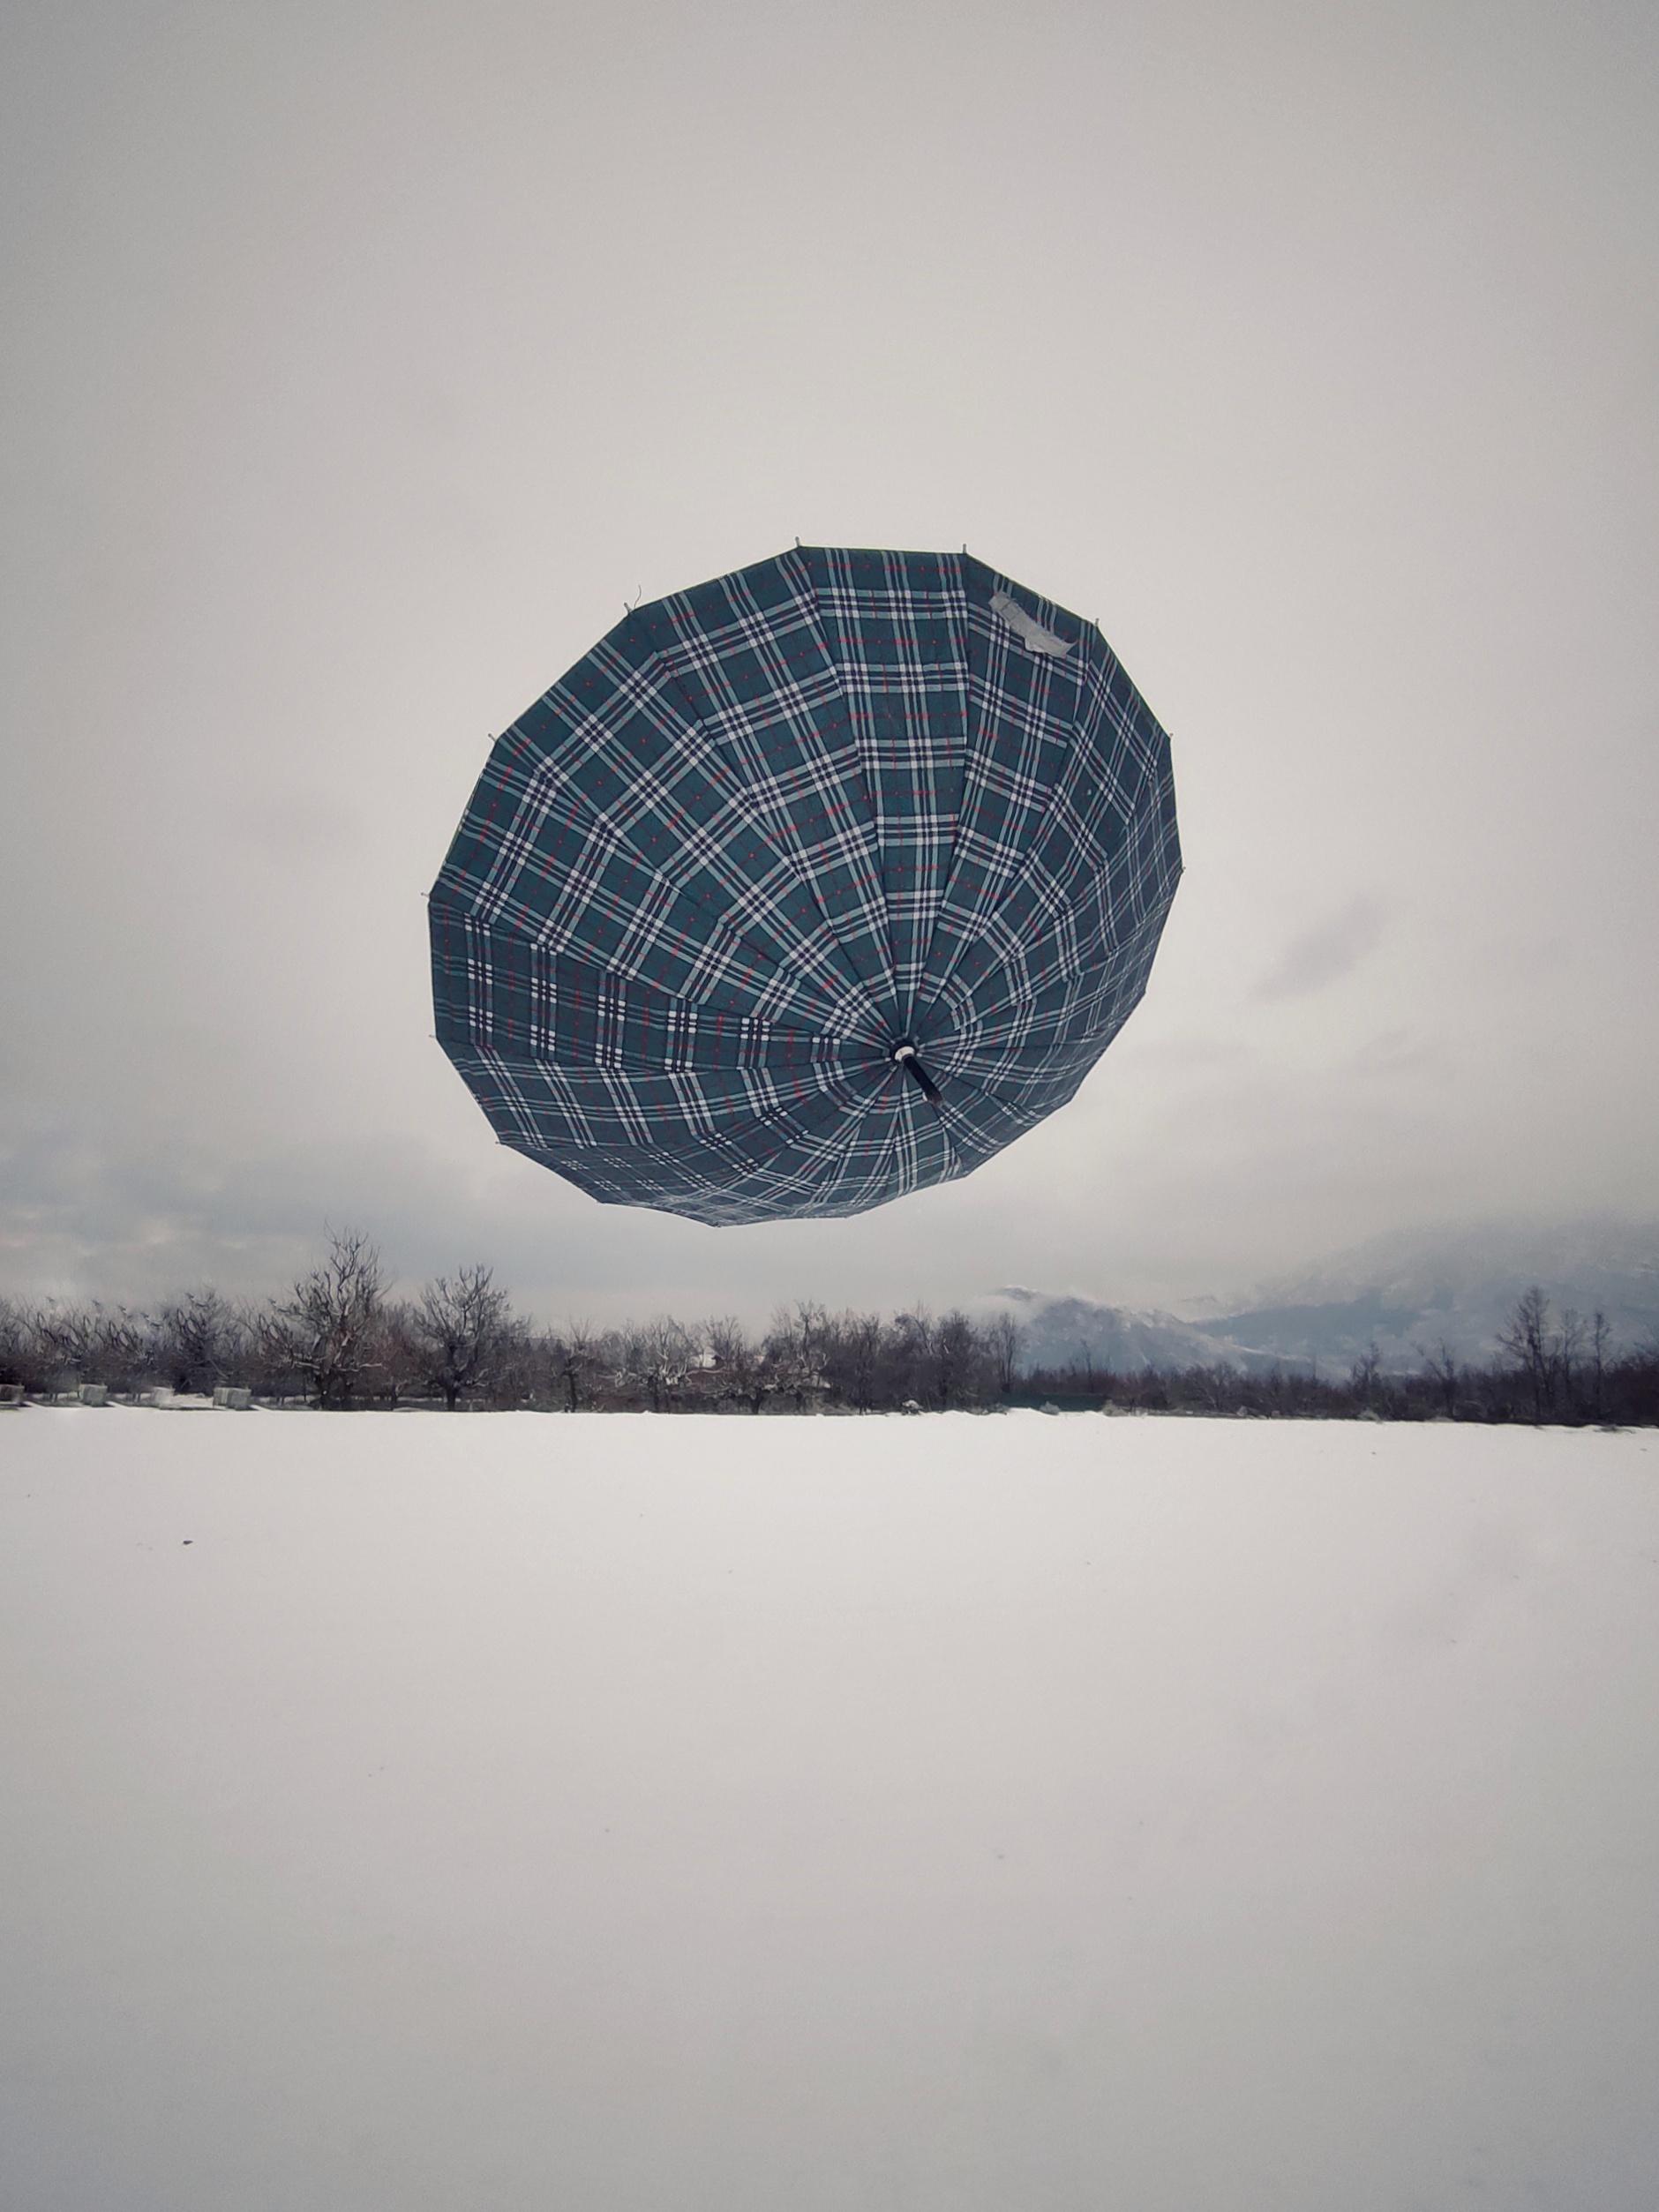 Umbrella in air